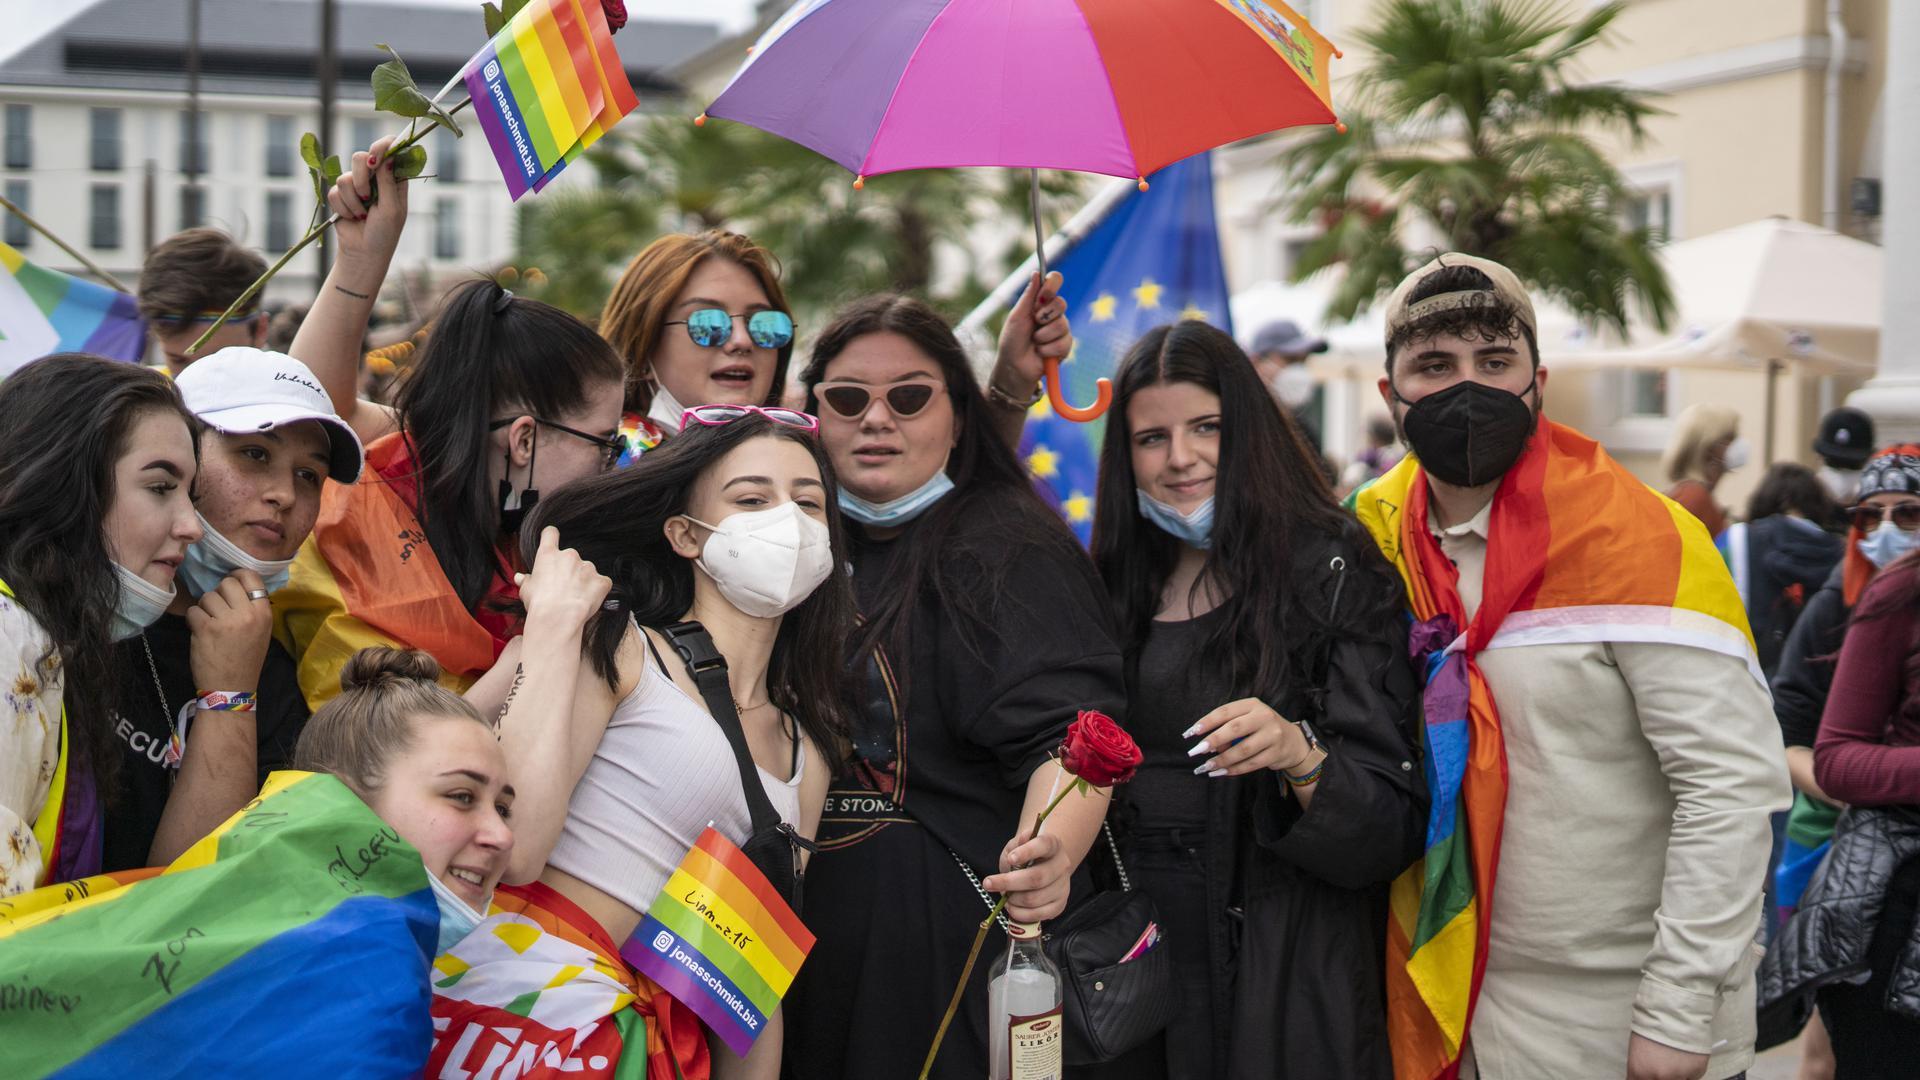 Teilnehmer des CSD stehen für ein Gruppenfoto beieinander